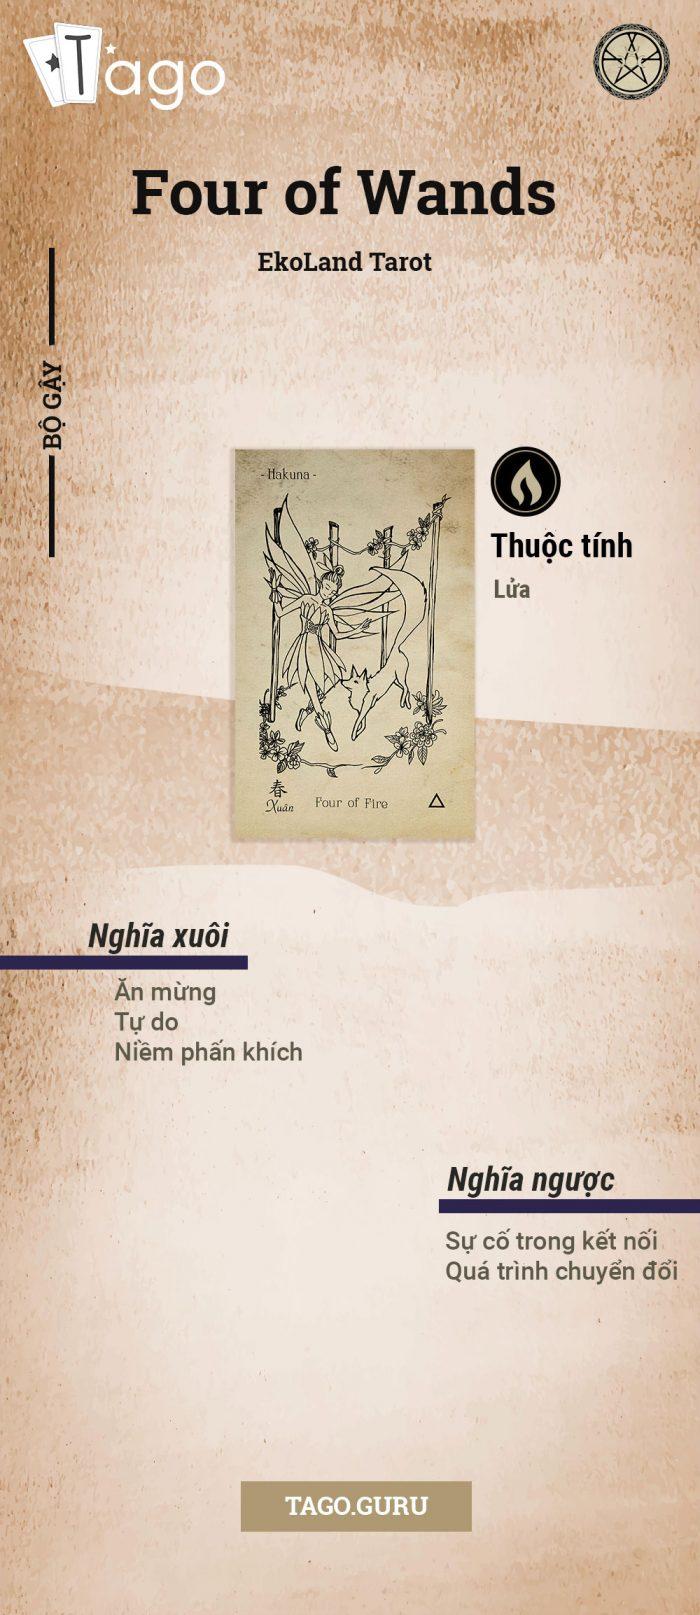 TAGO-Info-Bai-Tarot-Four-of-wands